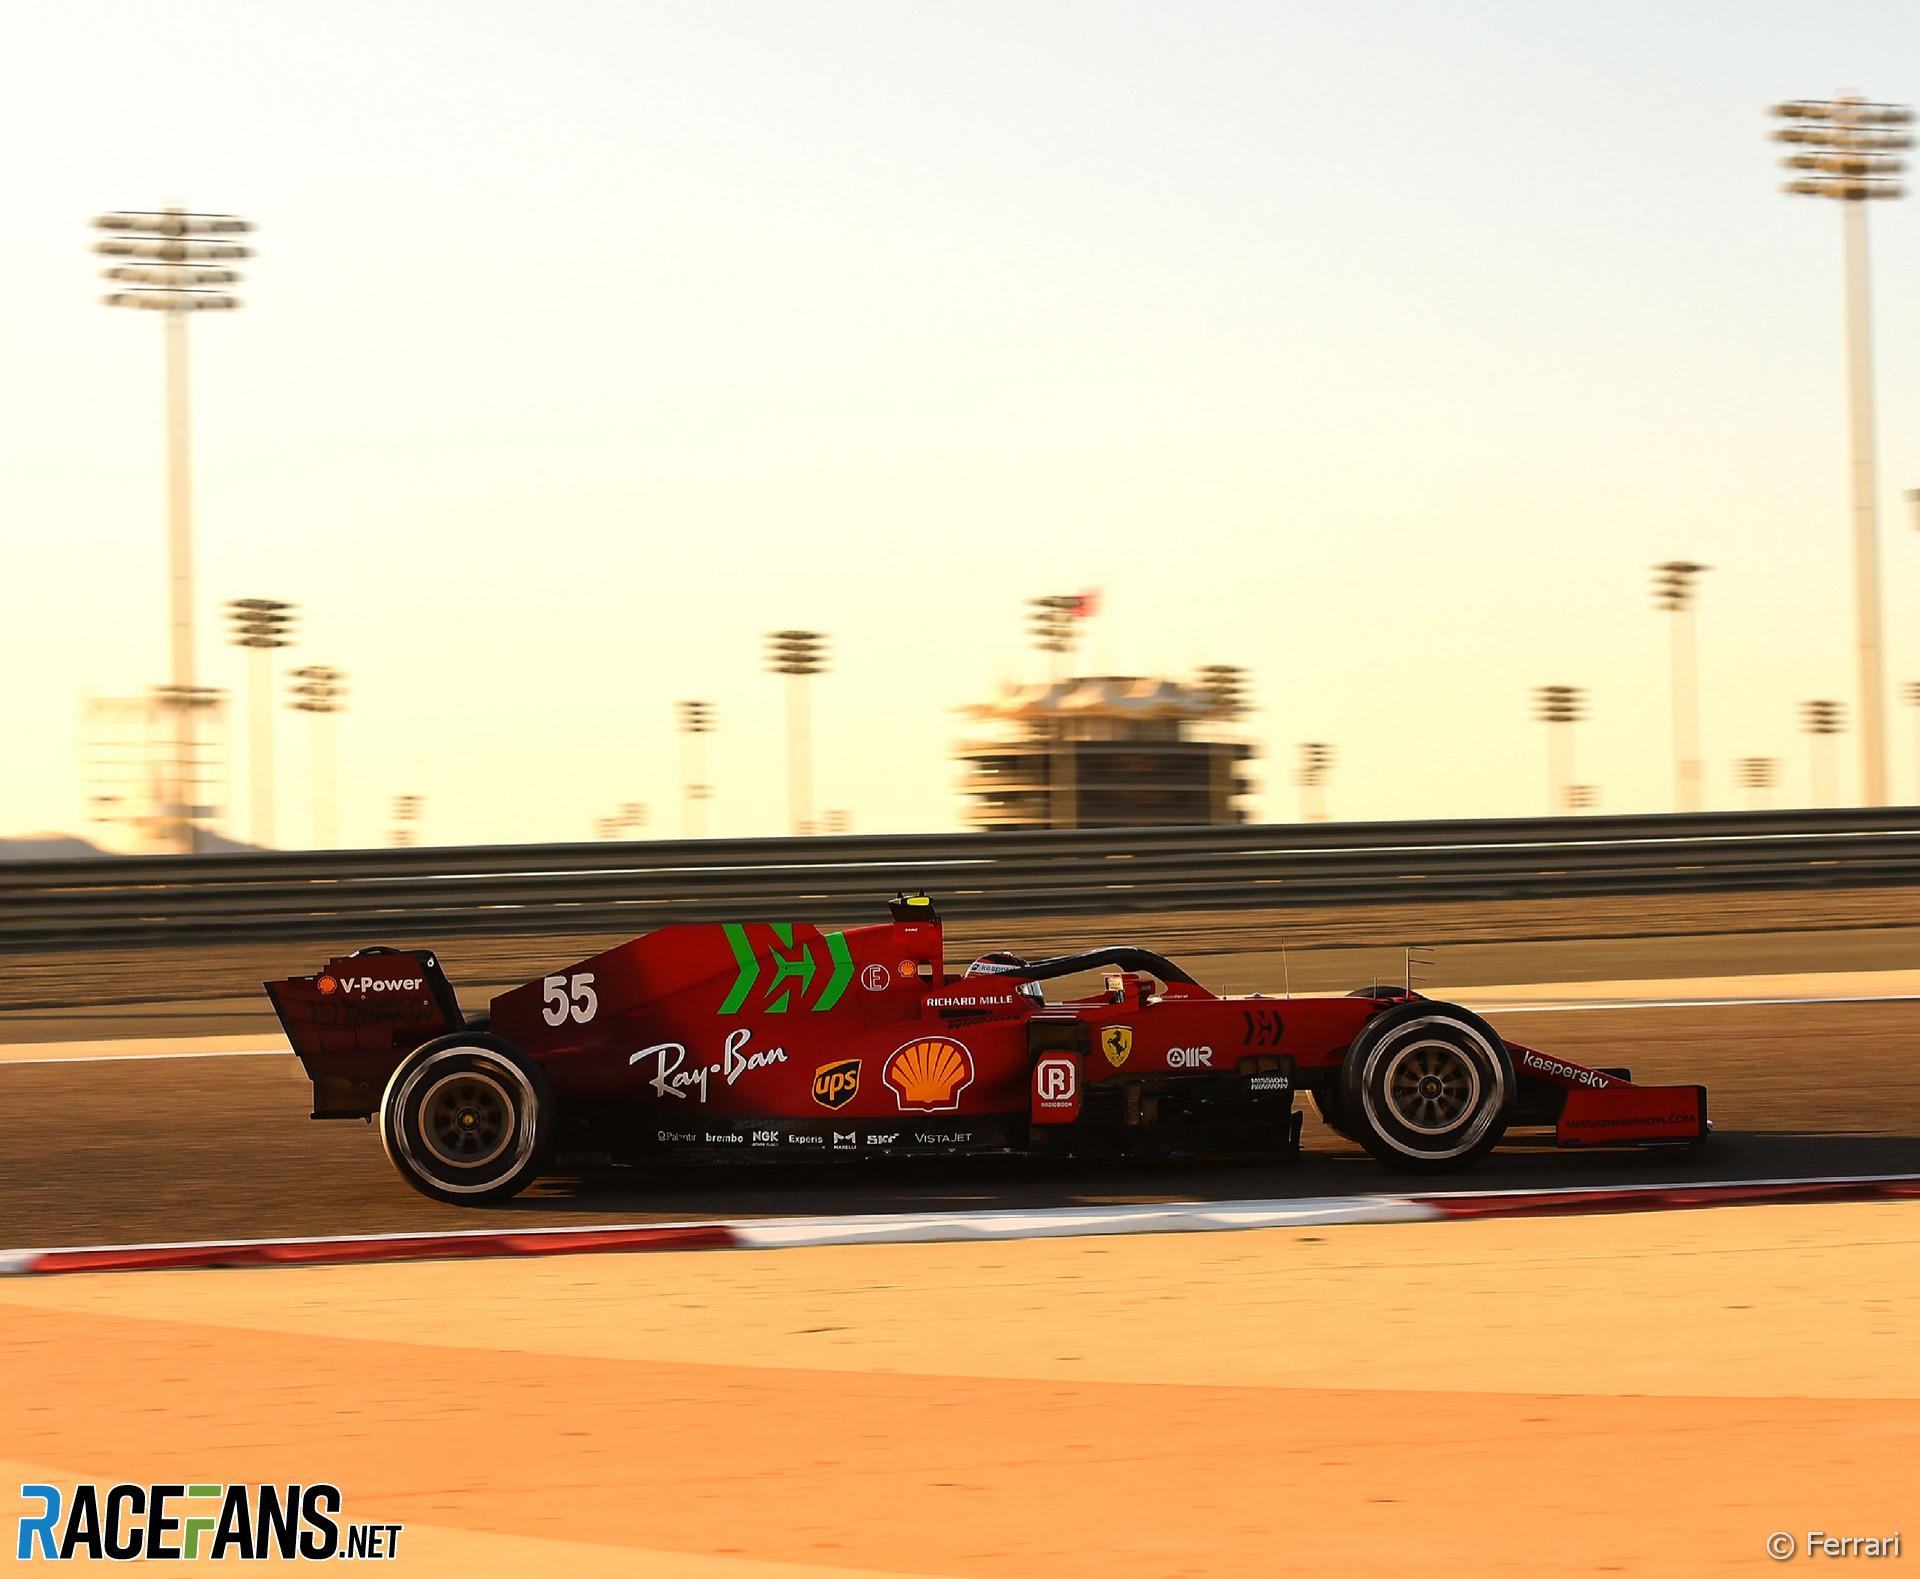 Carlos Sainz Jnr, Ferrari, Bahrain International Circuit, 2021